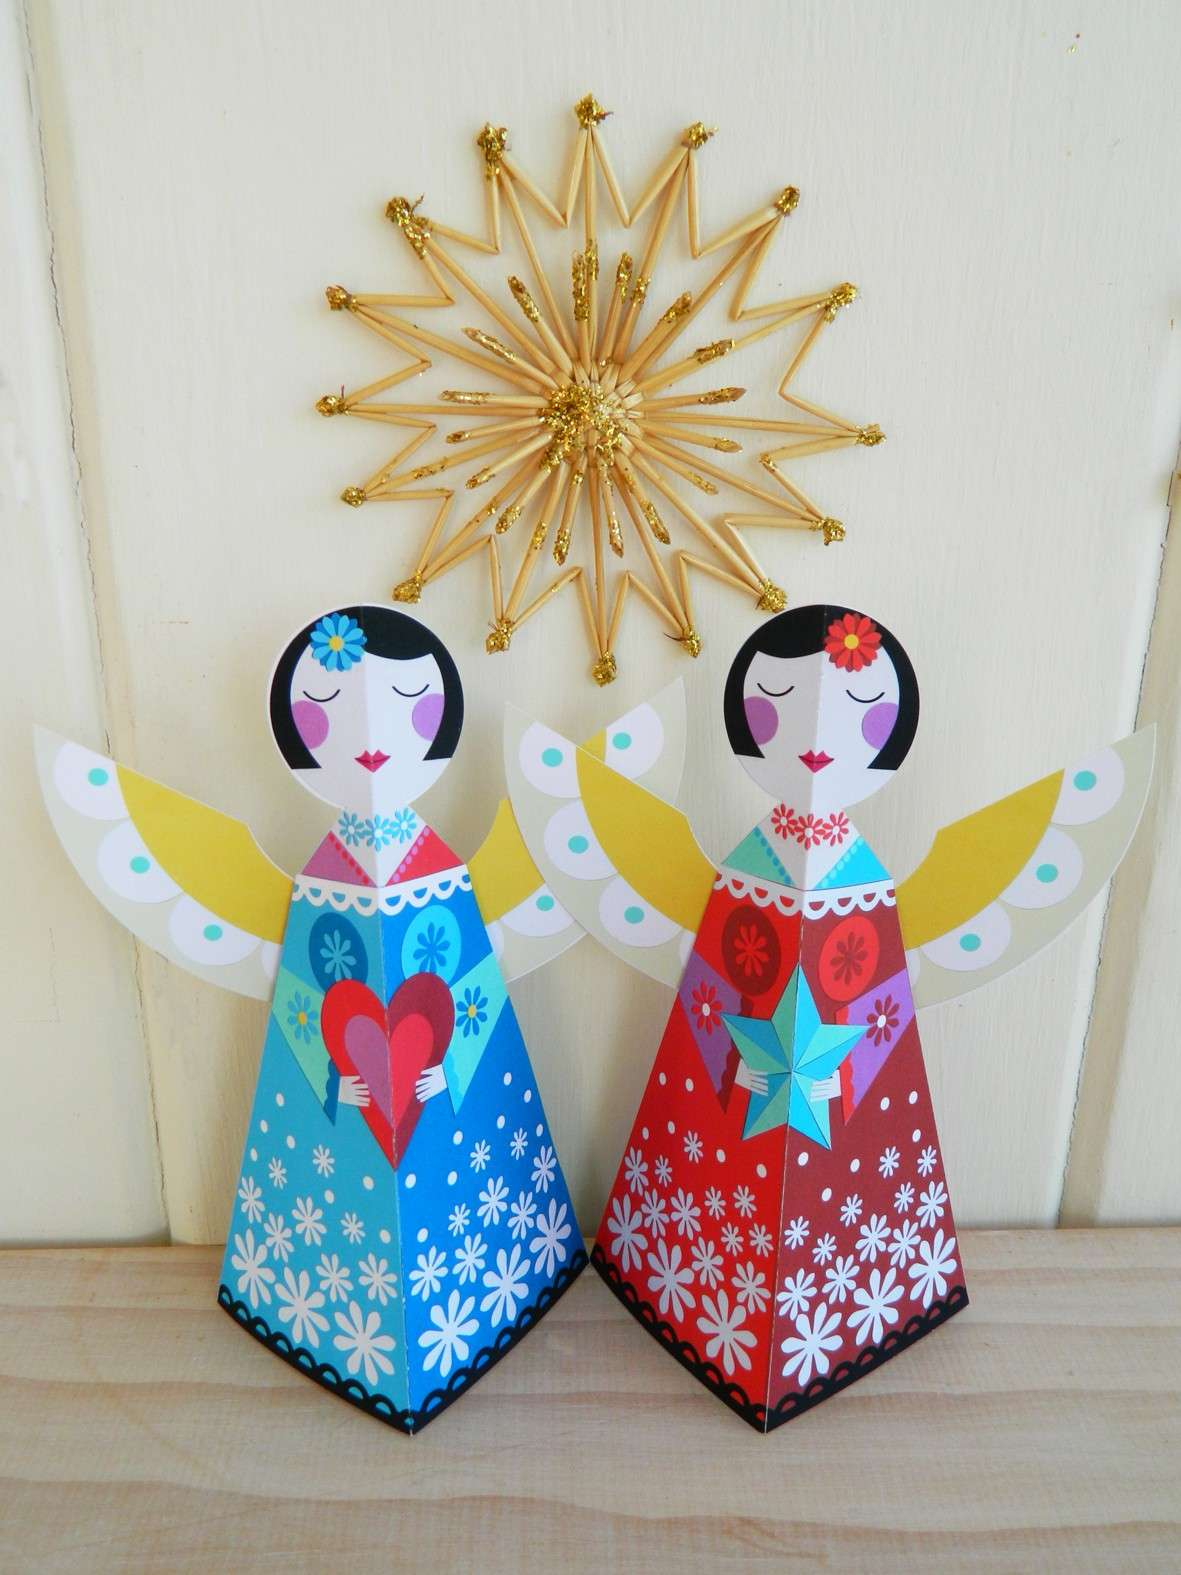 Angeli Lavoretti Di Natale.Lavoretti Di Natale Angeli Decorativi